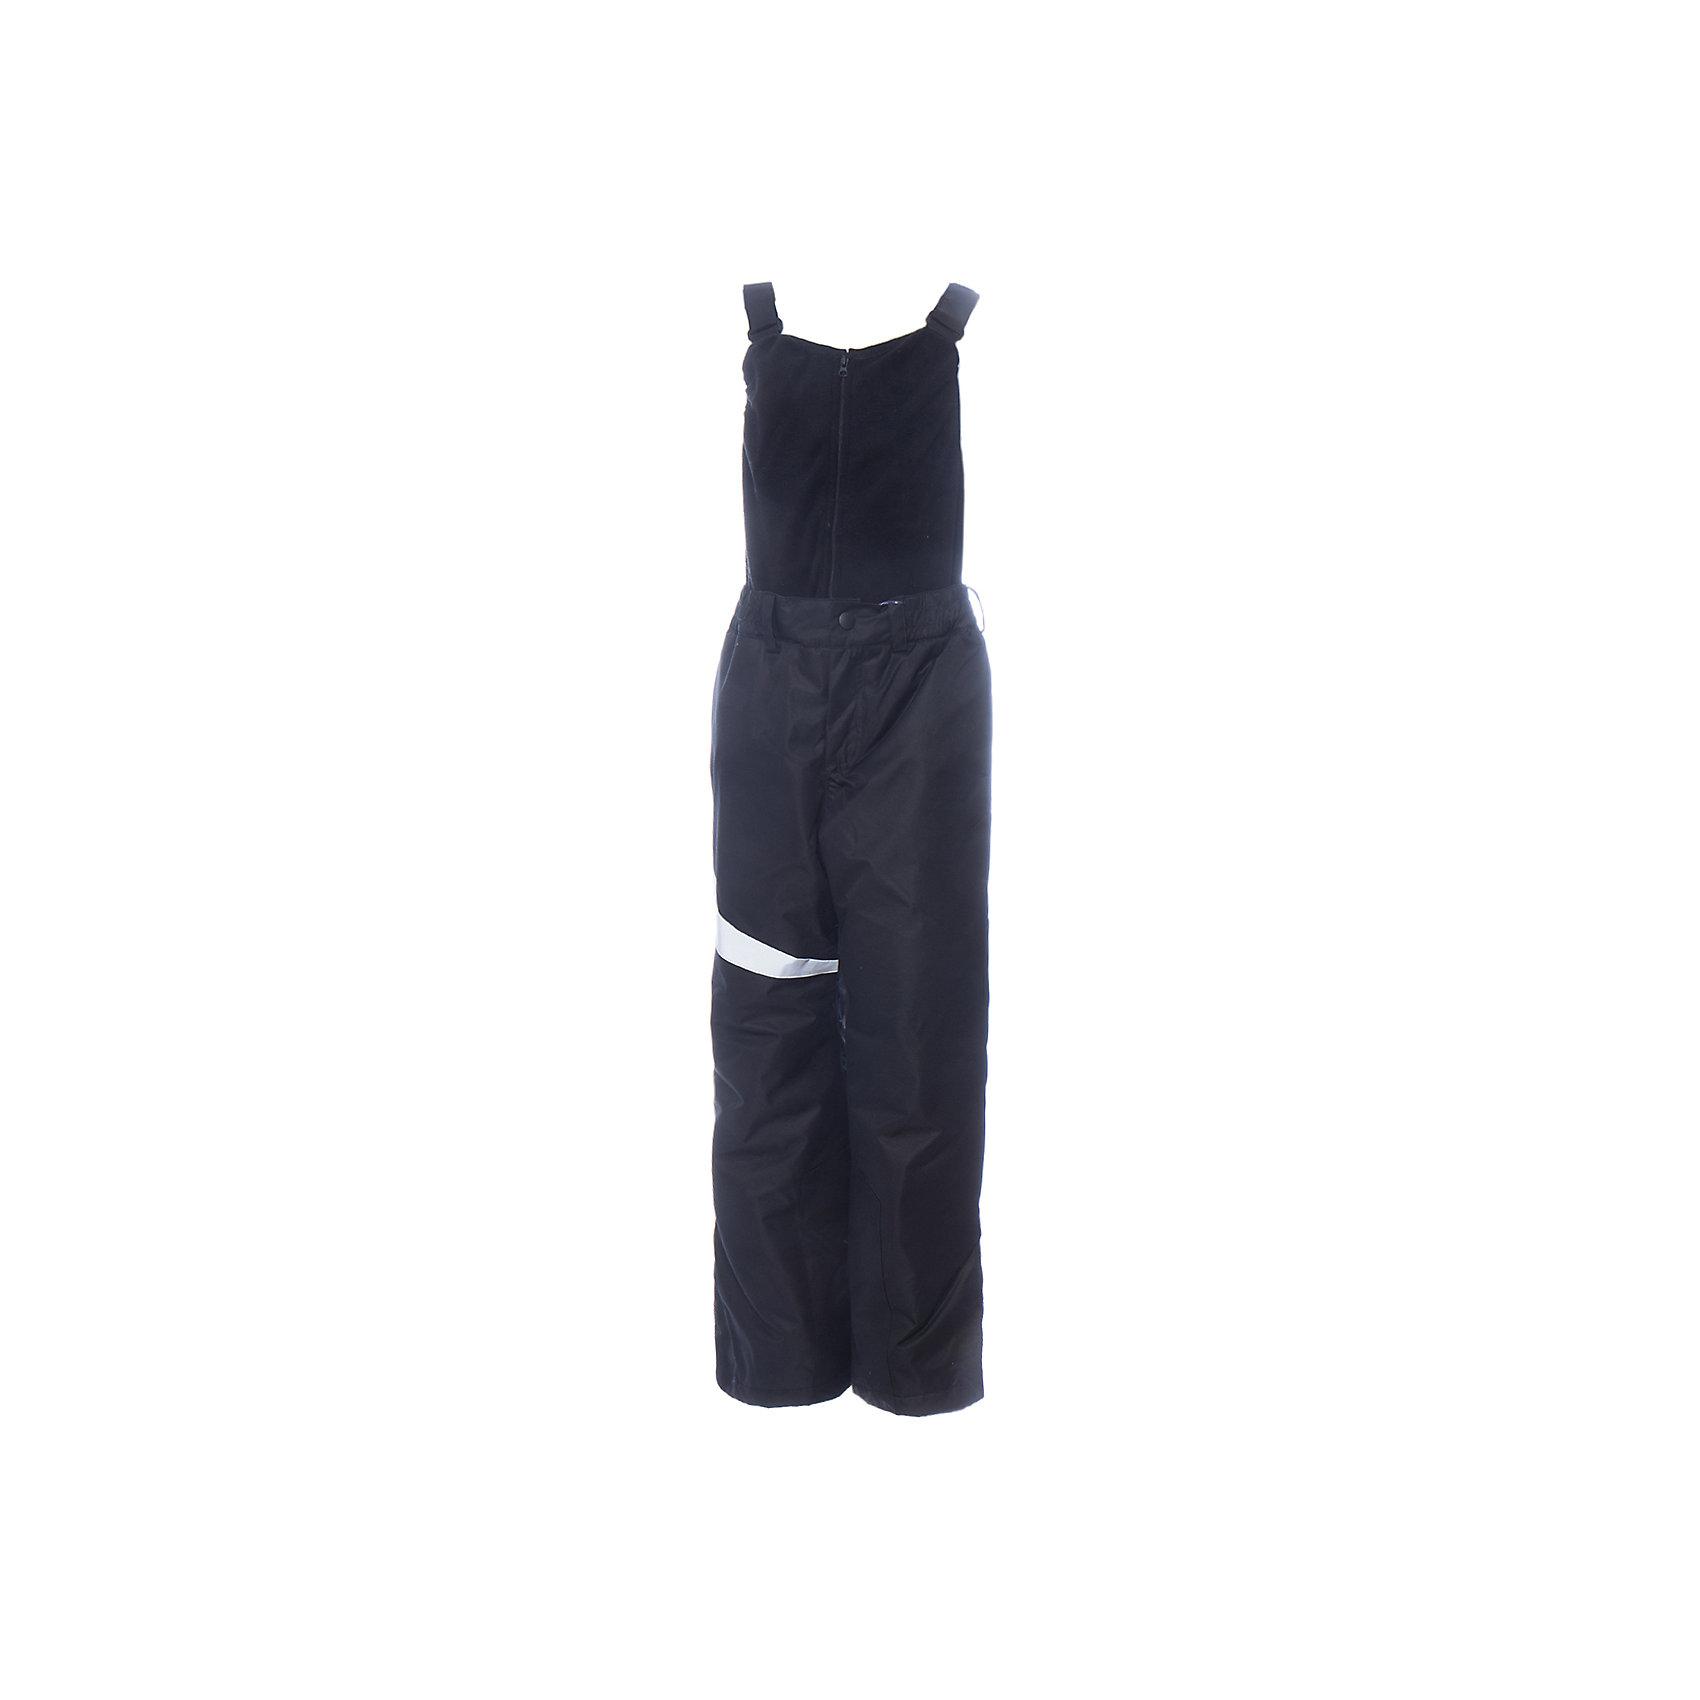 Полукомбинезон BOOM by Orby для мальчикаВерхняя одежда<br>Характеристики товара:<br><br>• цвет: серый<br>• состав ткани: таффета<br>• подкладка: полиэстер пуходержащий<br>• утеплитель: эко синтепон<br>• сезон: зима<br>• мембранное покрытие<br>• температурный режим: от 0 до -30С<br>• водонепроницаемость: 3000 мм <br>• паропроницаемость: 3000 г/м2<br>• плотность утеплителя: 200 г/м2<br>• застежка: молния<br>• страна бренда: Россия<br>• страна изготовитель: Россия<br><br>Зимний полукомбинезон для ребенка имеет мембранное покрытие. Детский полукомбинезон поможет обеспечить необходимый уровень комфорта в морозы. Плотная ткань и утеплитель зимнего полукомбинезона защитят ребенка от холодного воздуха. Теплый полукомбинезон стильно смотрится и комфортно сидит. Детский полукомбинезон имеет удобную застежку. <br><br>Полукомбинезон для мальчика BOOM by Orby (Бум бай Орби) можно купить в нашем интернет-магазине.<br><br>Ширина мм: 215<br>Глубина мм: 88<br>Высота мм: 191<br>Вес г: 336<br>Цвет: черный<br>Возраст от месяцев: 60<br>Возраст до месяцев: 72<br>Пол: Мужской<br>Возраст: Детский<br>Размер: 116,170,86,92,98,104,110,122,128,134,140,146,152,158,164<br>SKU: 7091009